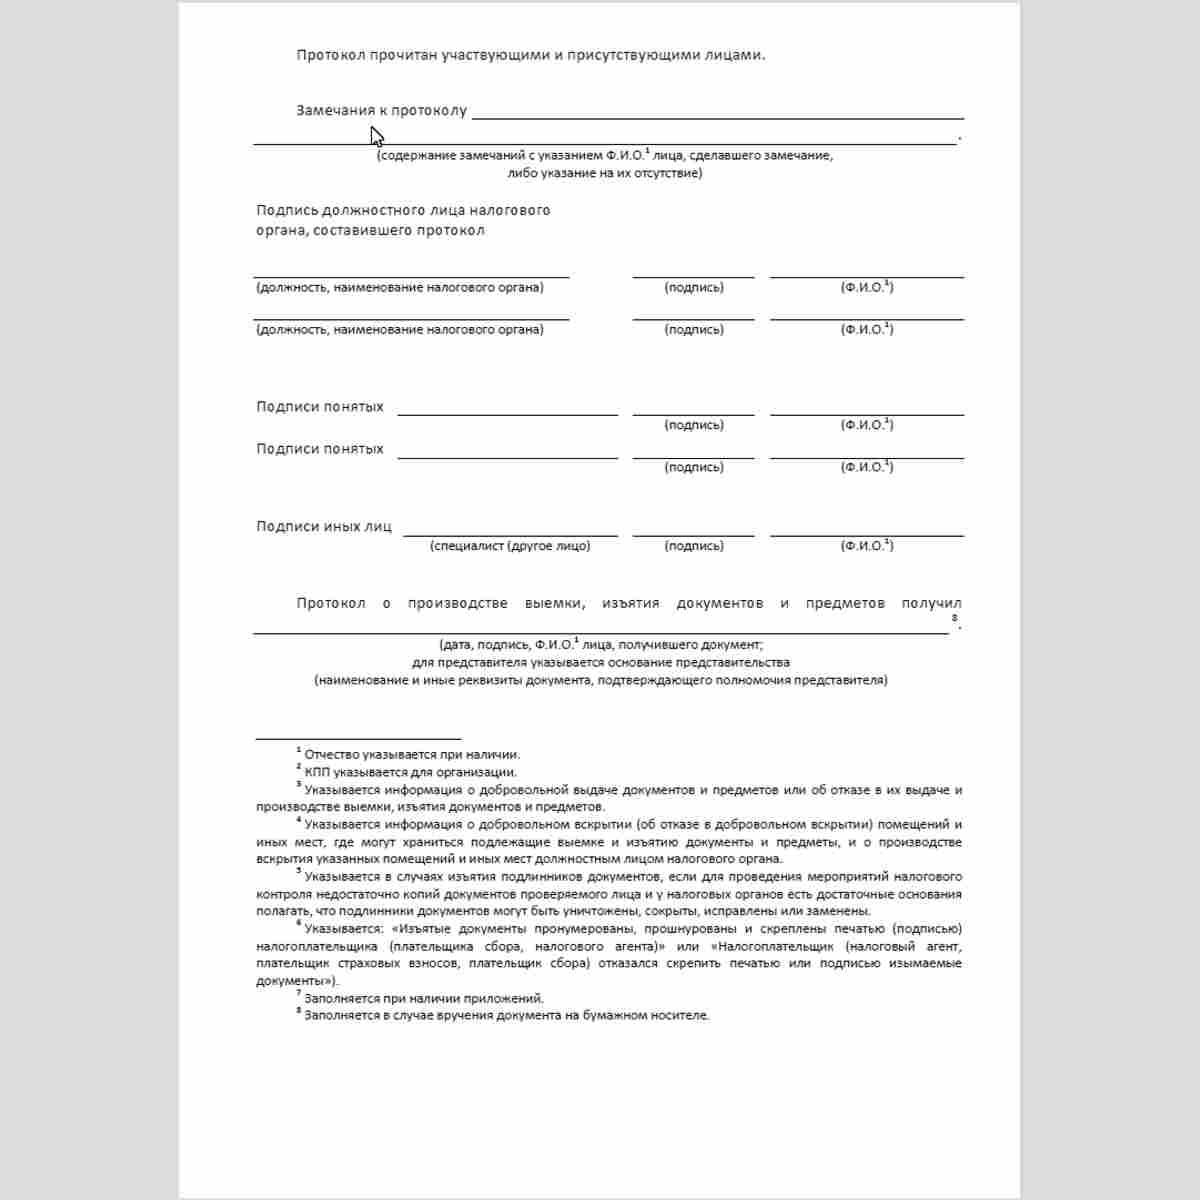 """Форма КНД 1165016 """"Протокол о производстве выемки, изъятия документов и предметов"""". Стр. 3"""